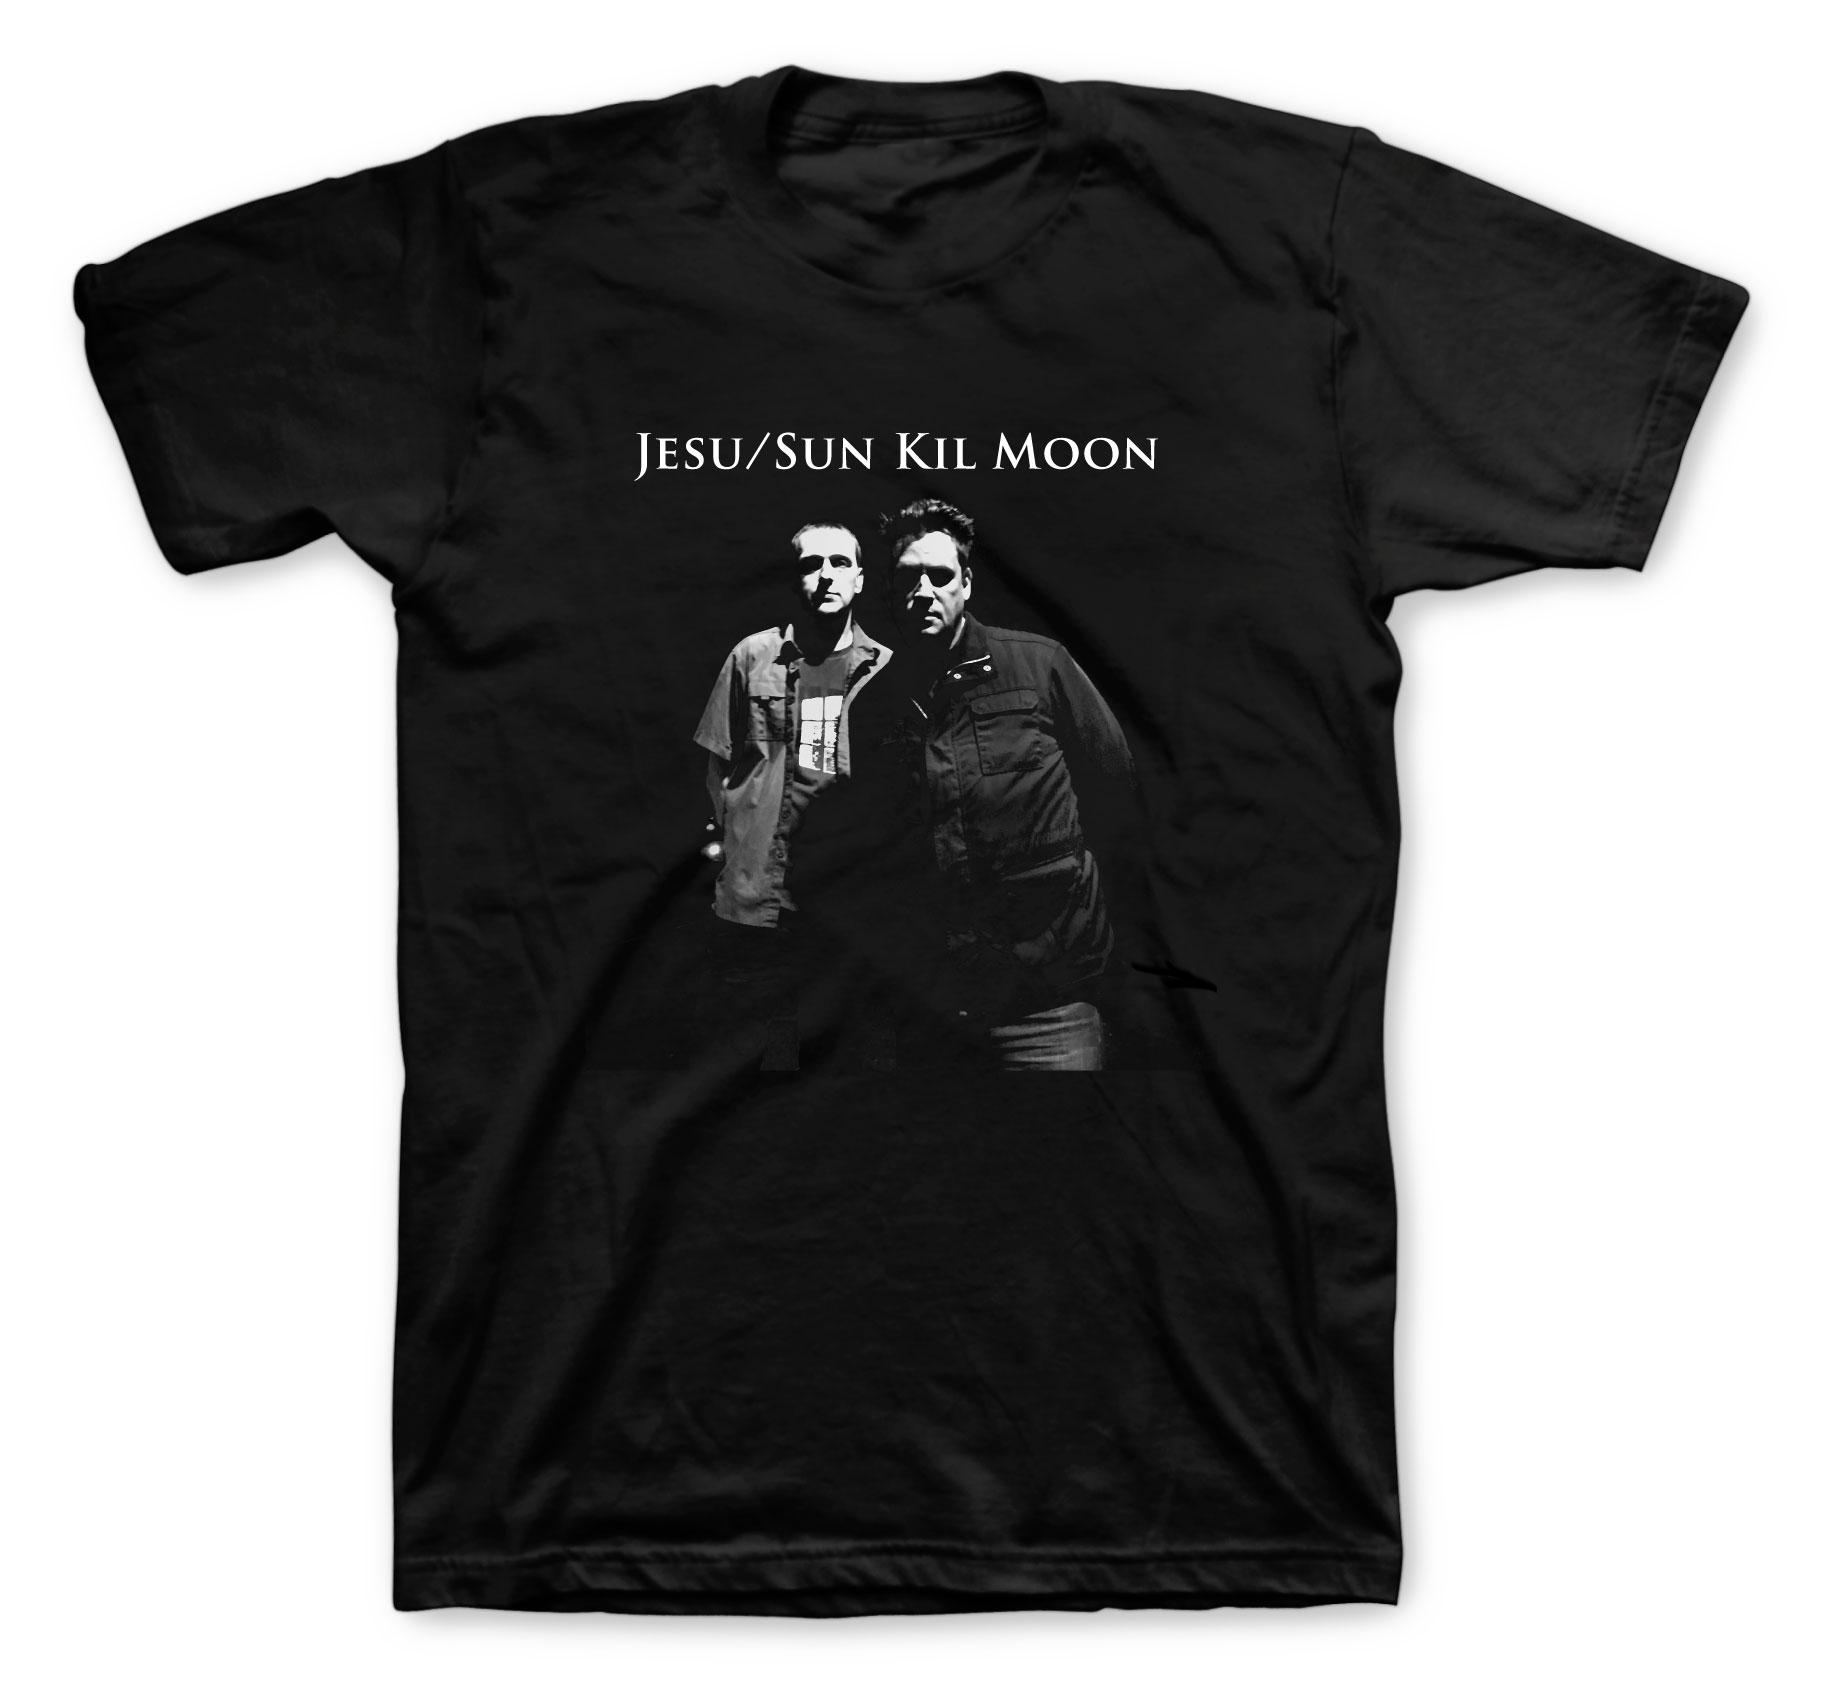 Jesu/Sun Kil Moon T-shirts